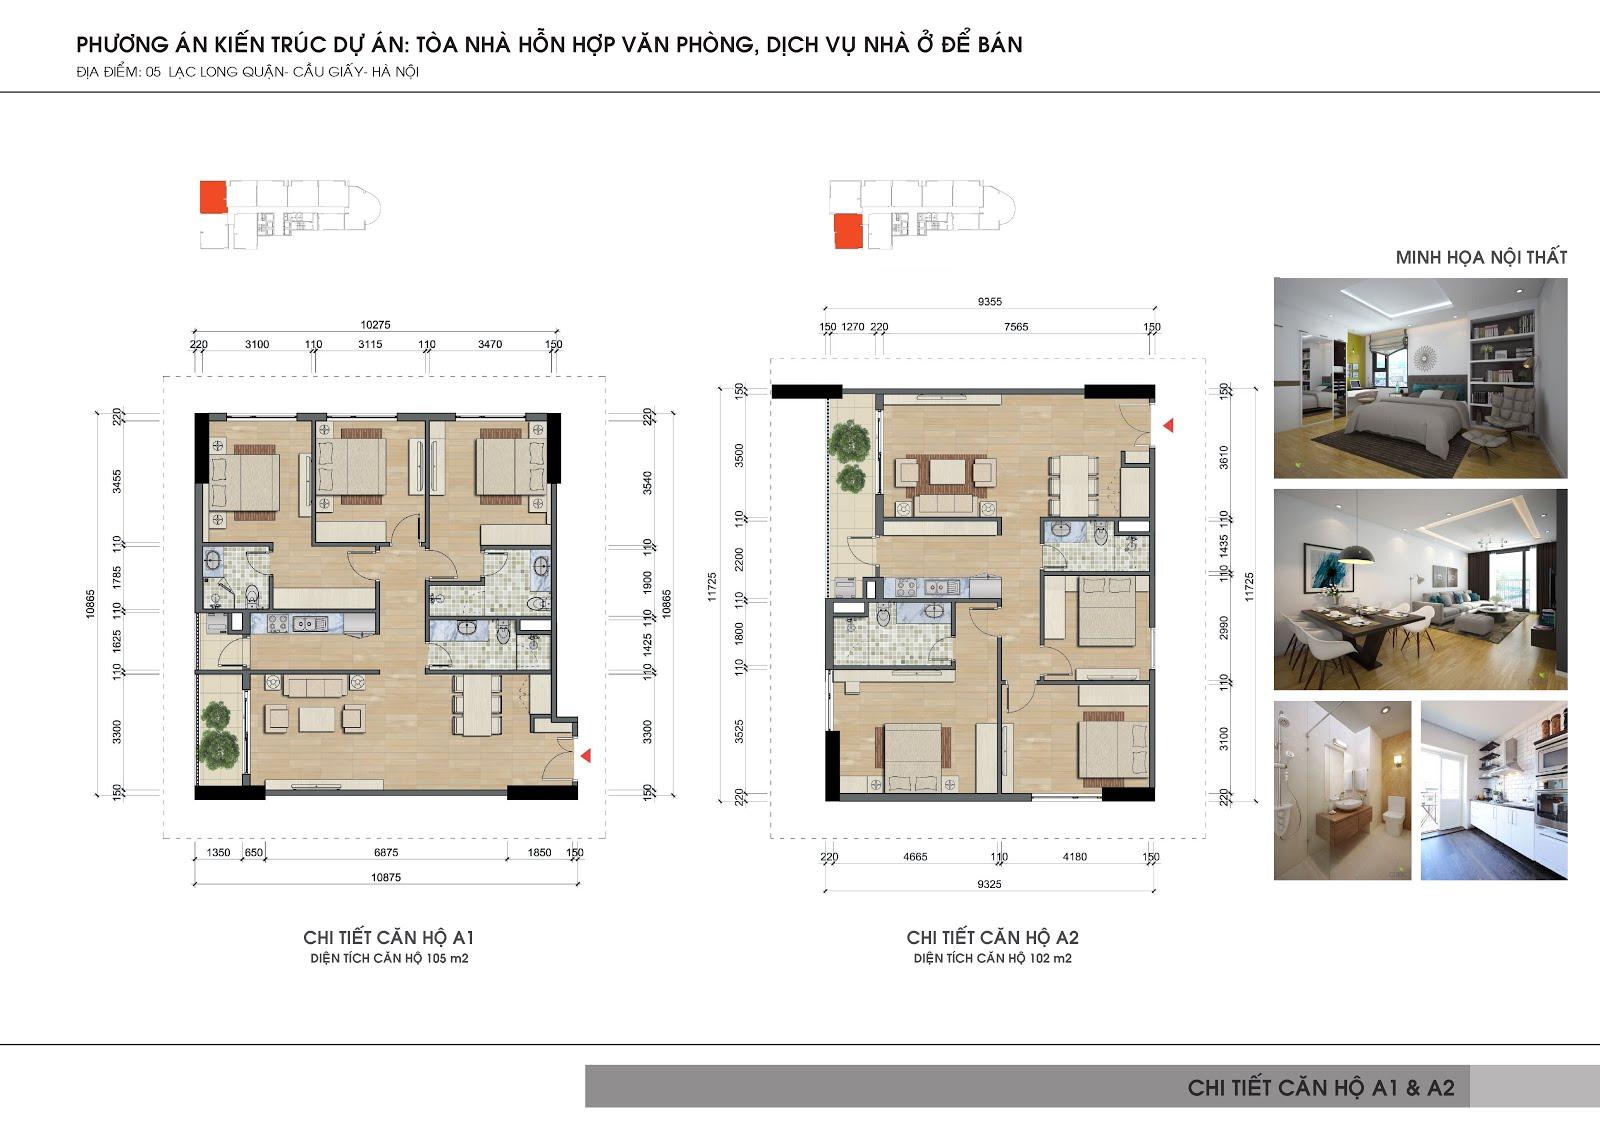 Thiết kế căn hộ Videc Lake View Lạc Long Quân đậm chất Á Đông vuông vắn